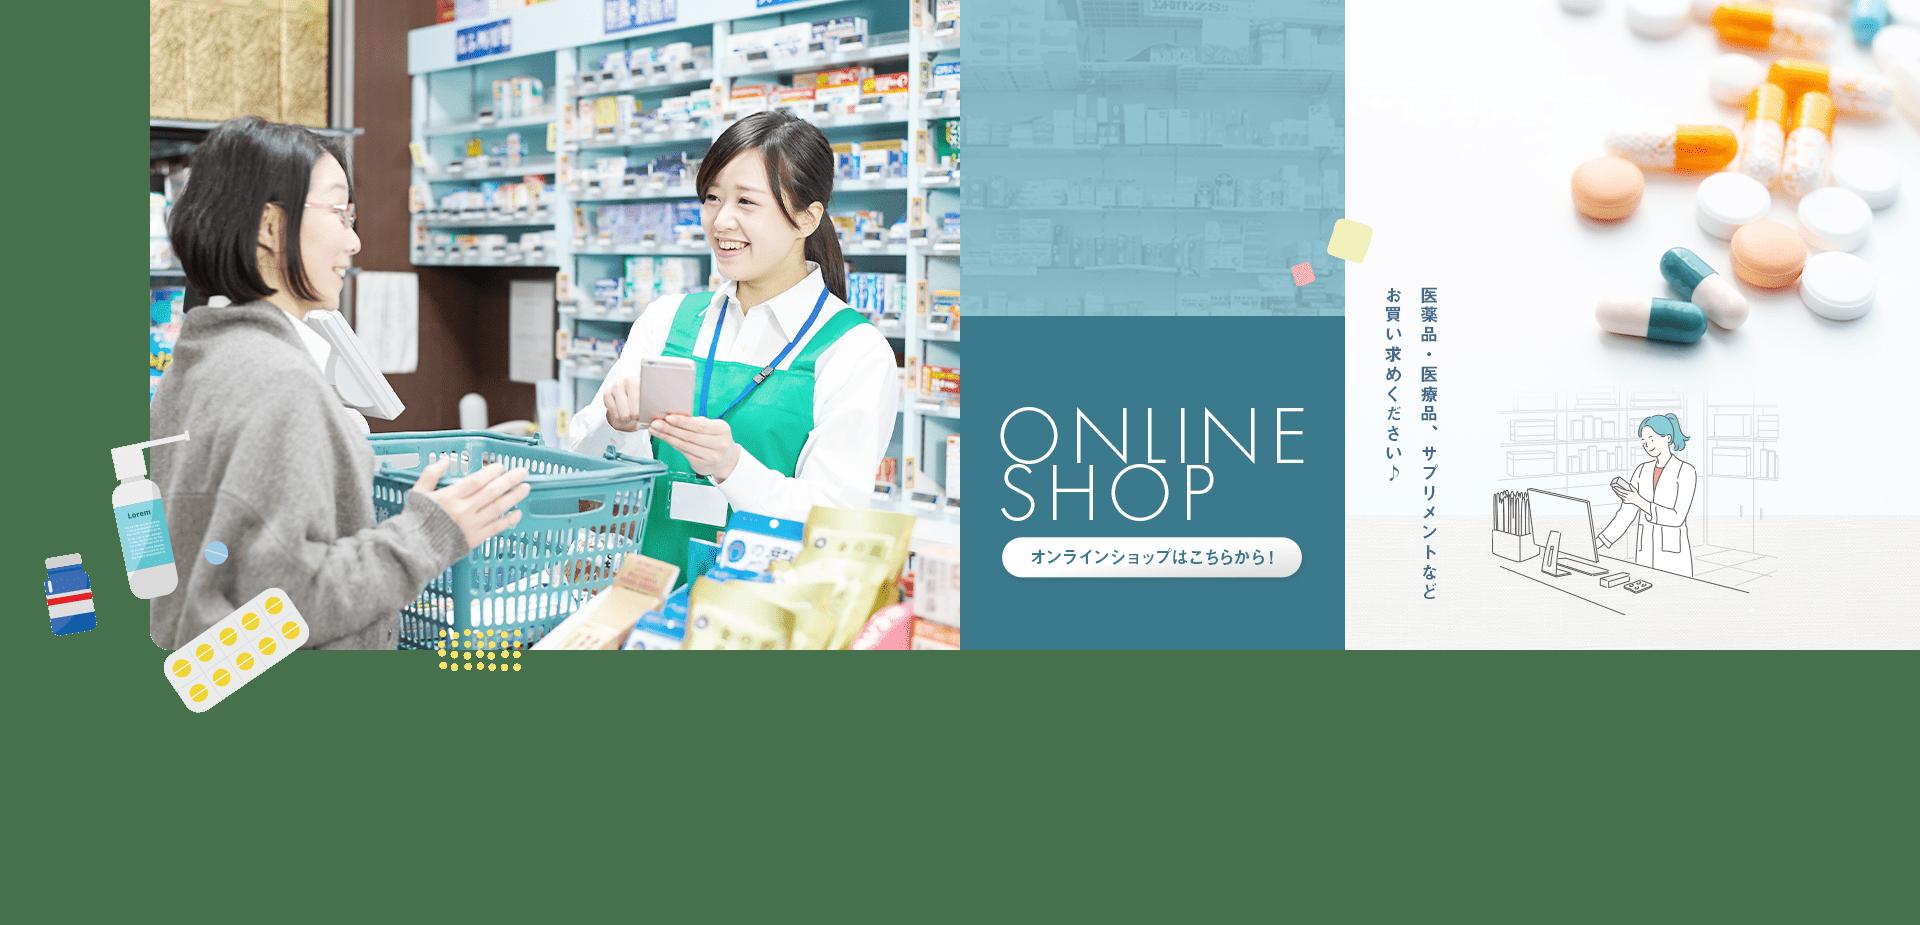 医薬品・医療品、サプリメントなどお買い求めください♪ オンラインショップはこちらから!